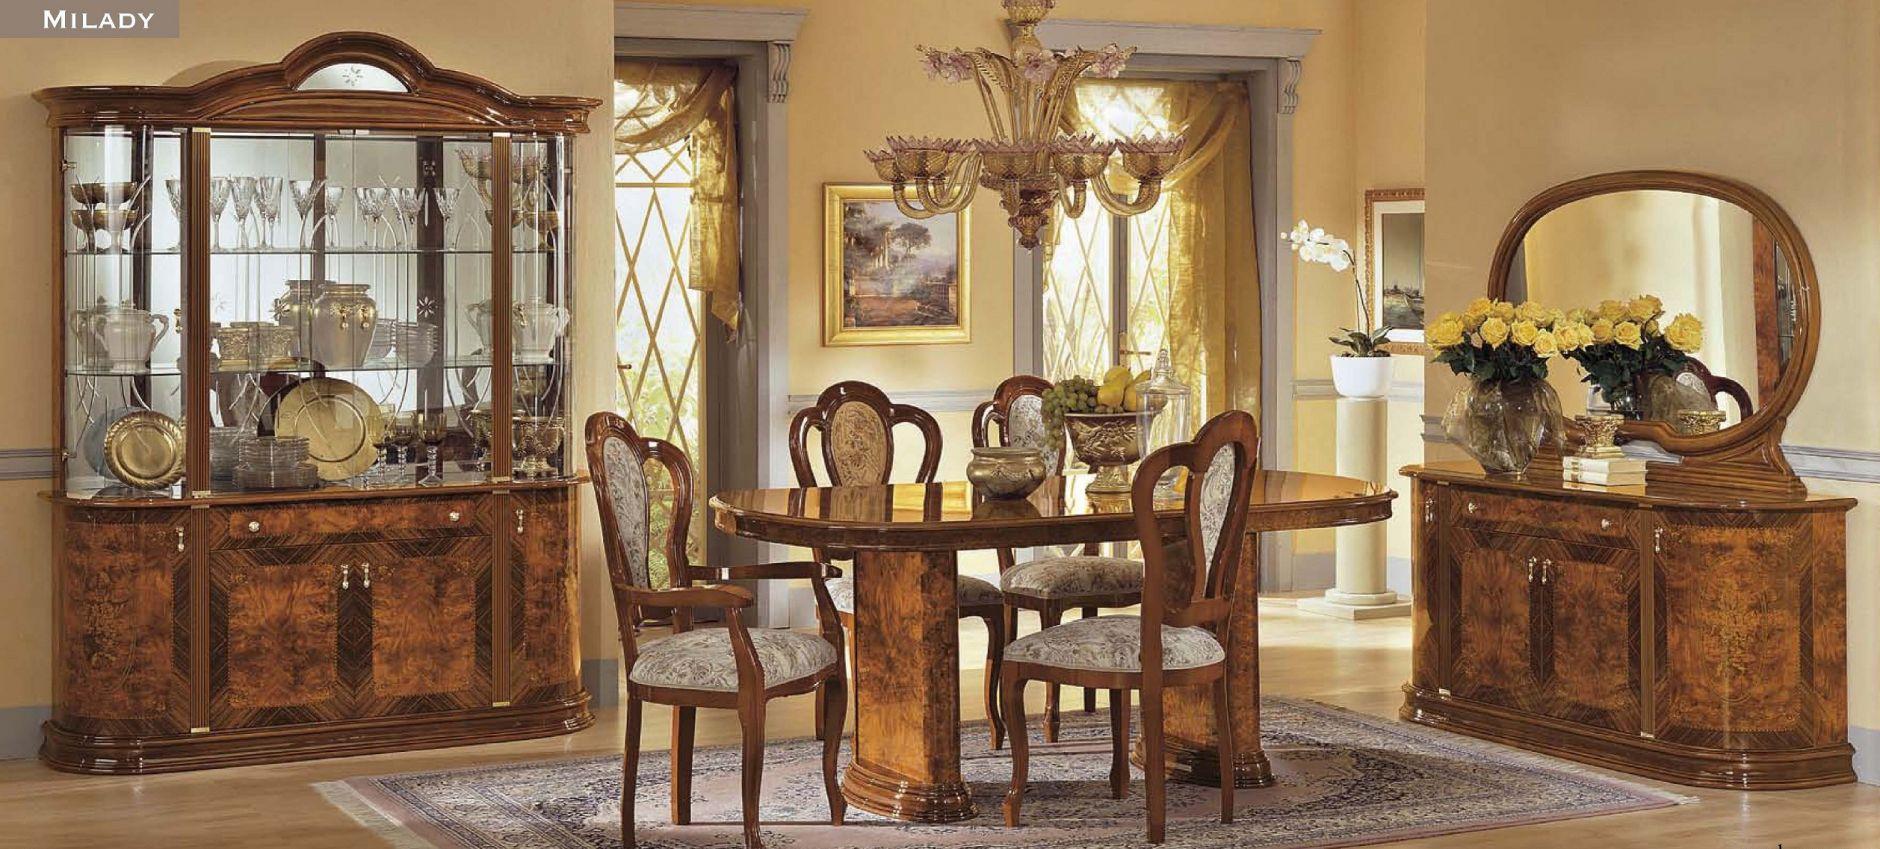 Esszimmerstühle - MILADY Camelgroup Essen SerieDie Möbel aus Italien